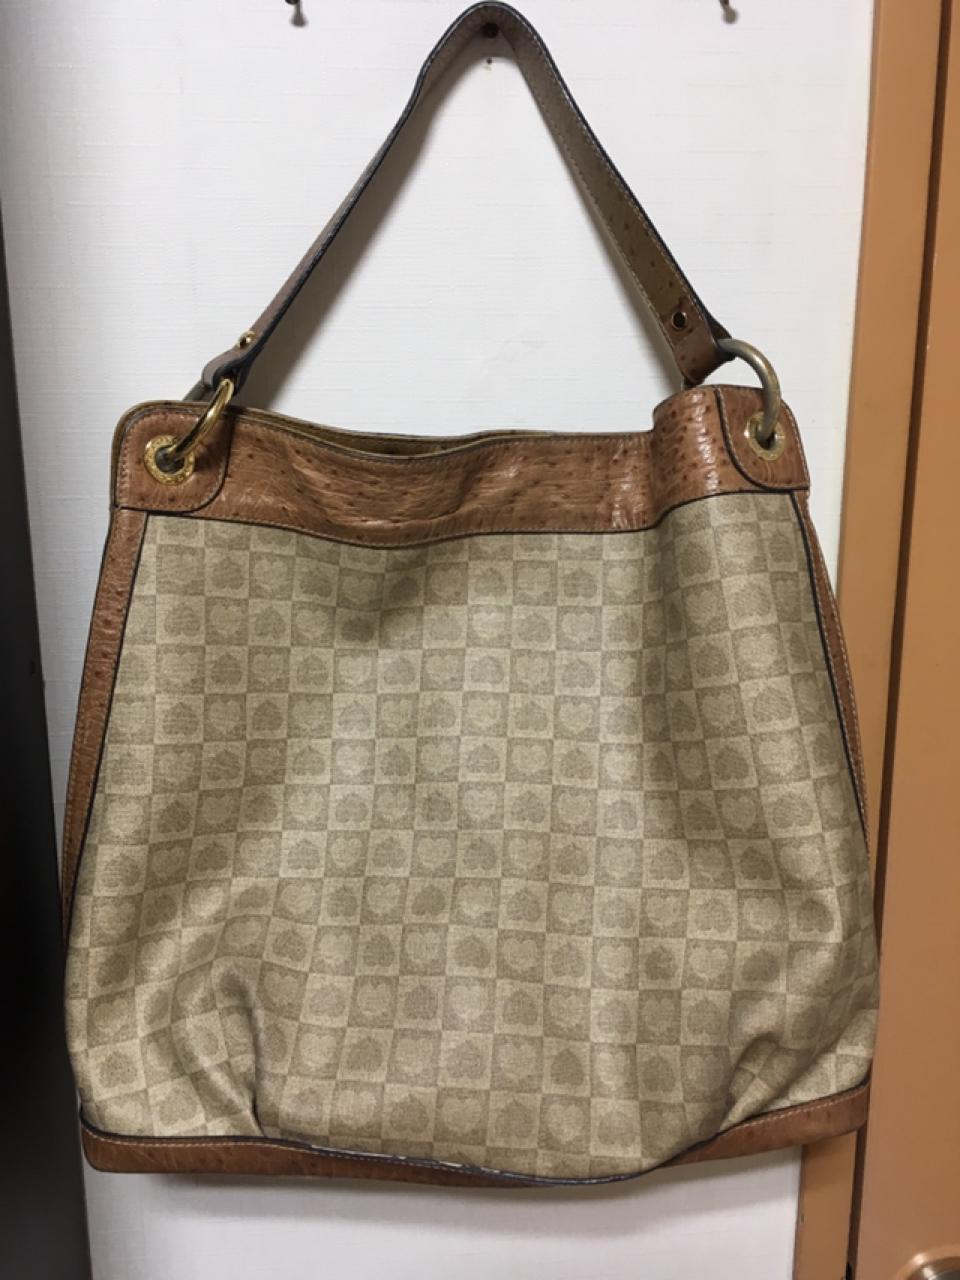 러브캣 가방 정품 타조가죽 숄더백 토트백 기저귀가방 여성가방 여자가방 가죽 가방